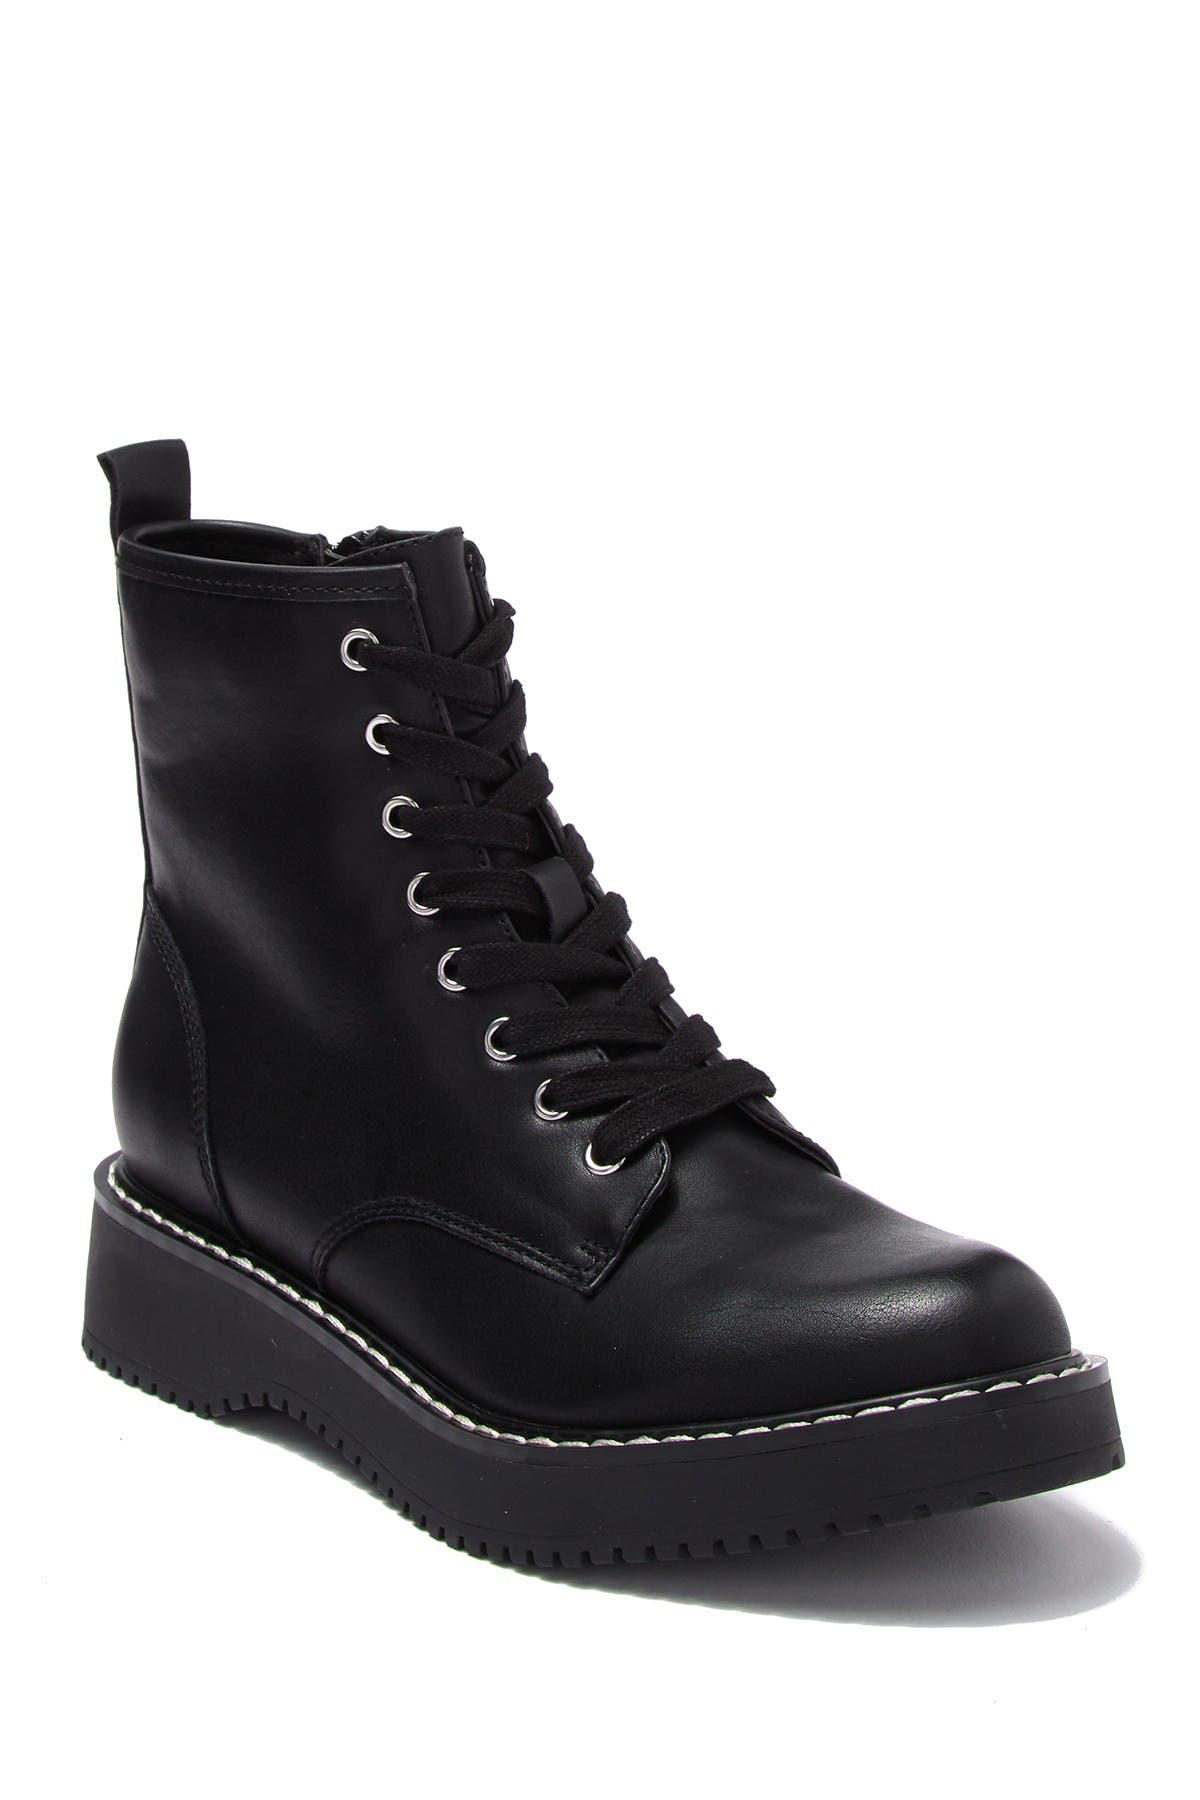 Image of Madden Girl Kurrt Combat Boot